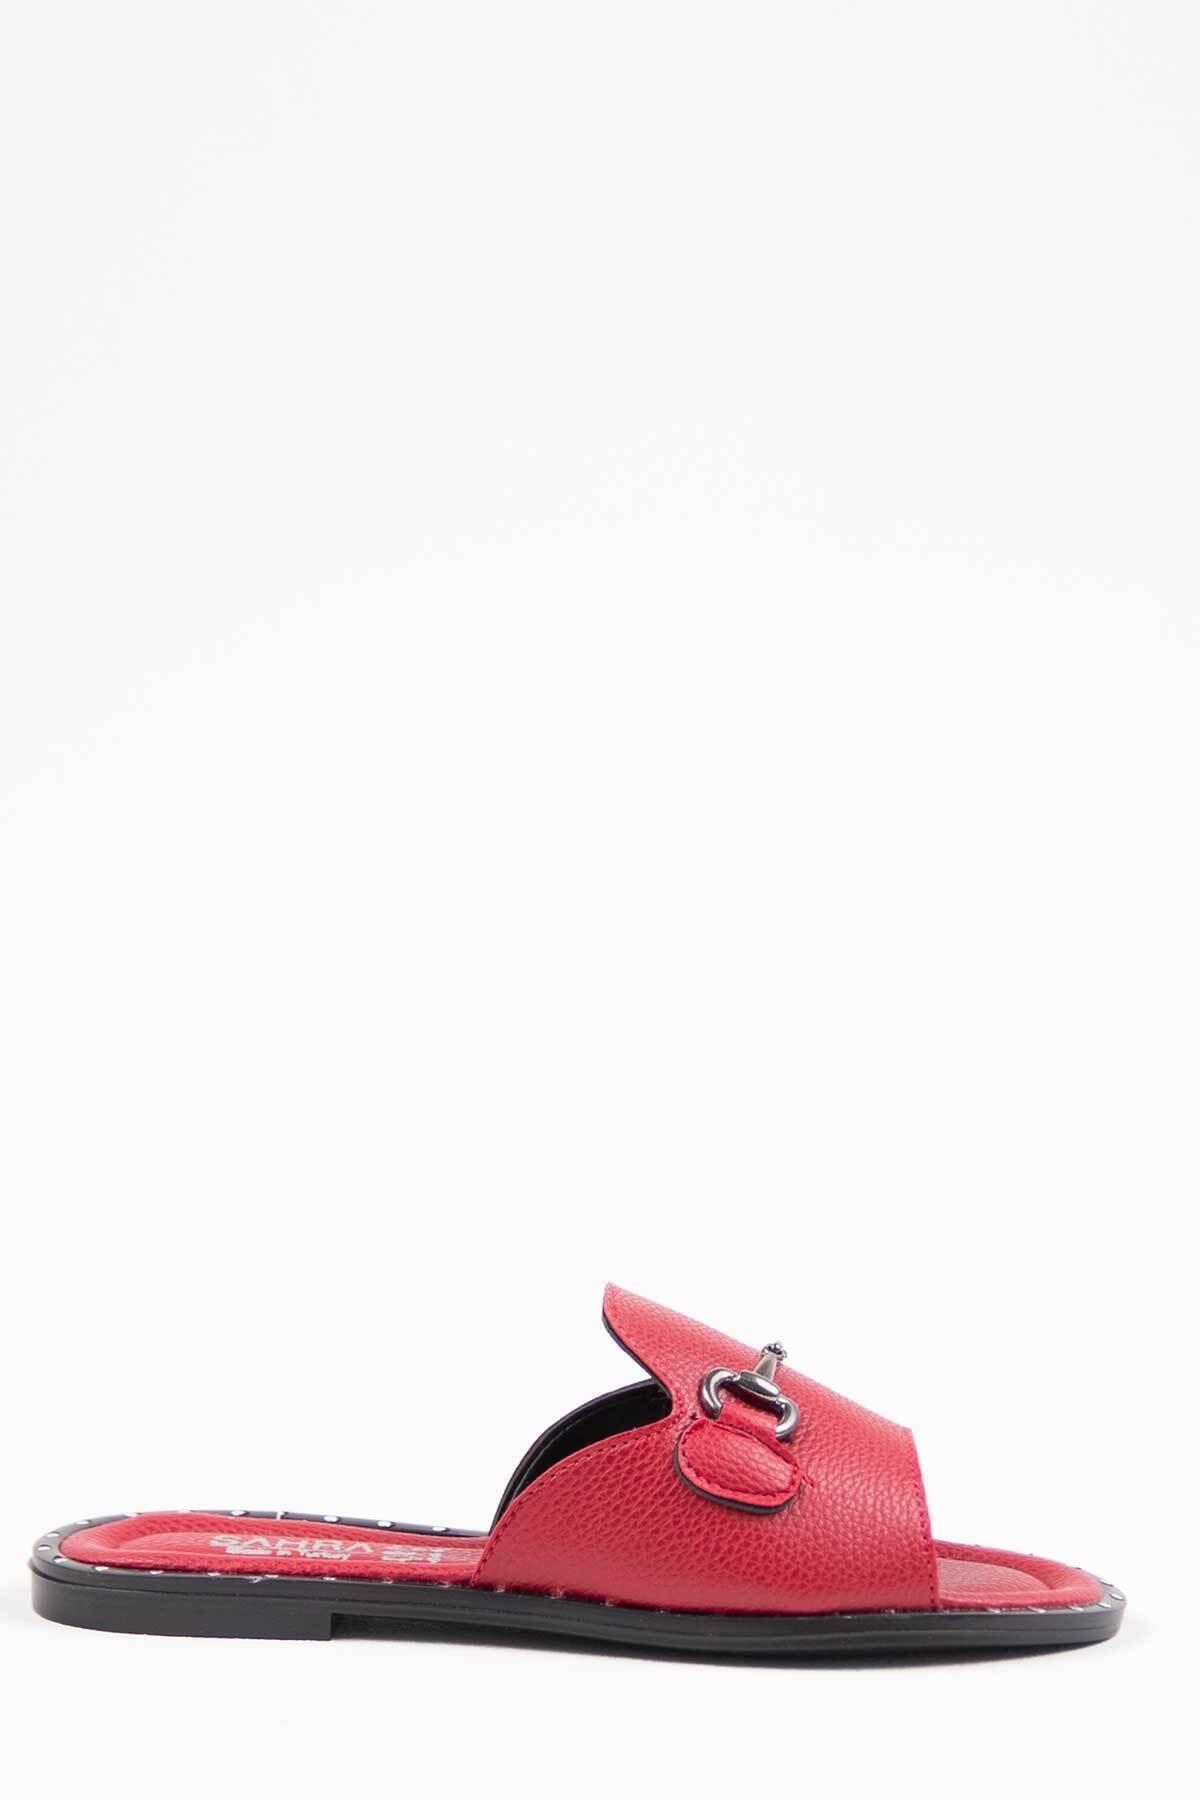 Oioi Kadın Kırmızı Terlik 1002-122-0001_1007 1